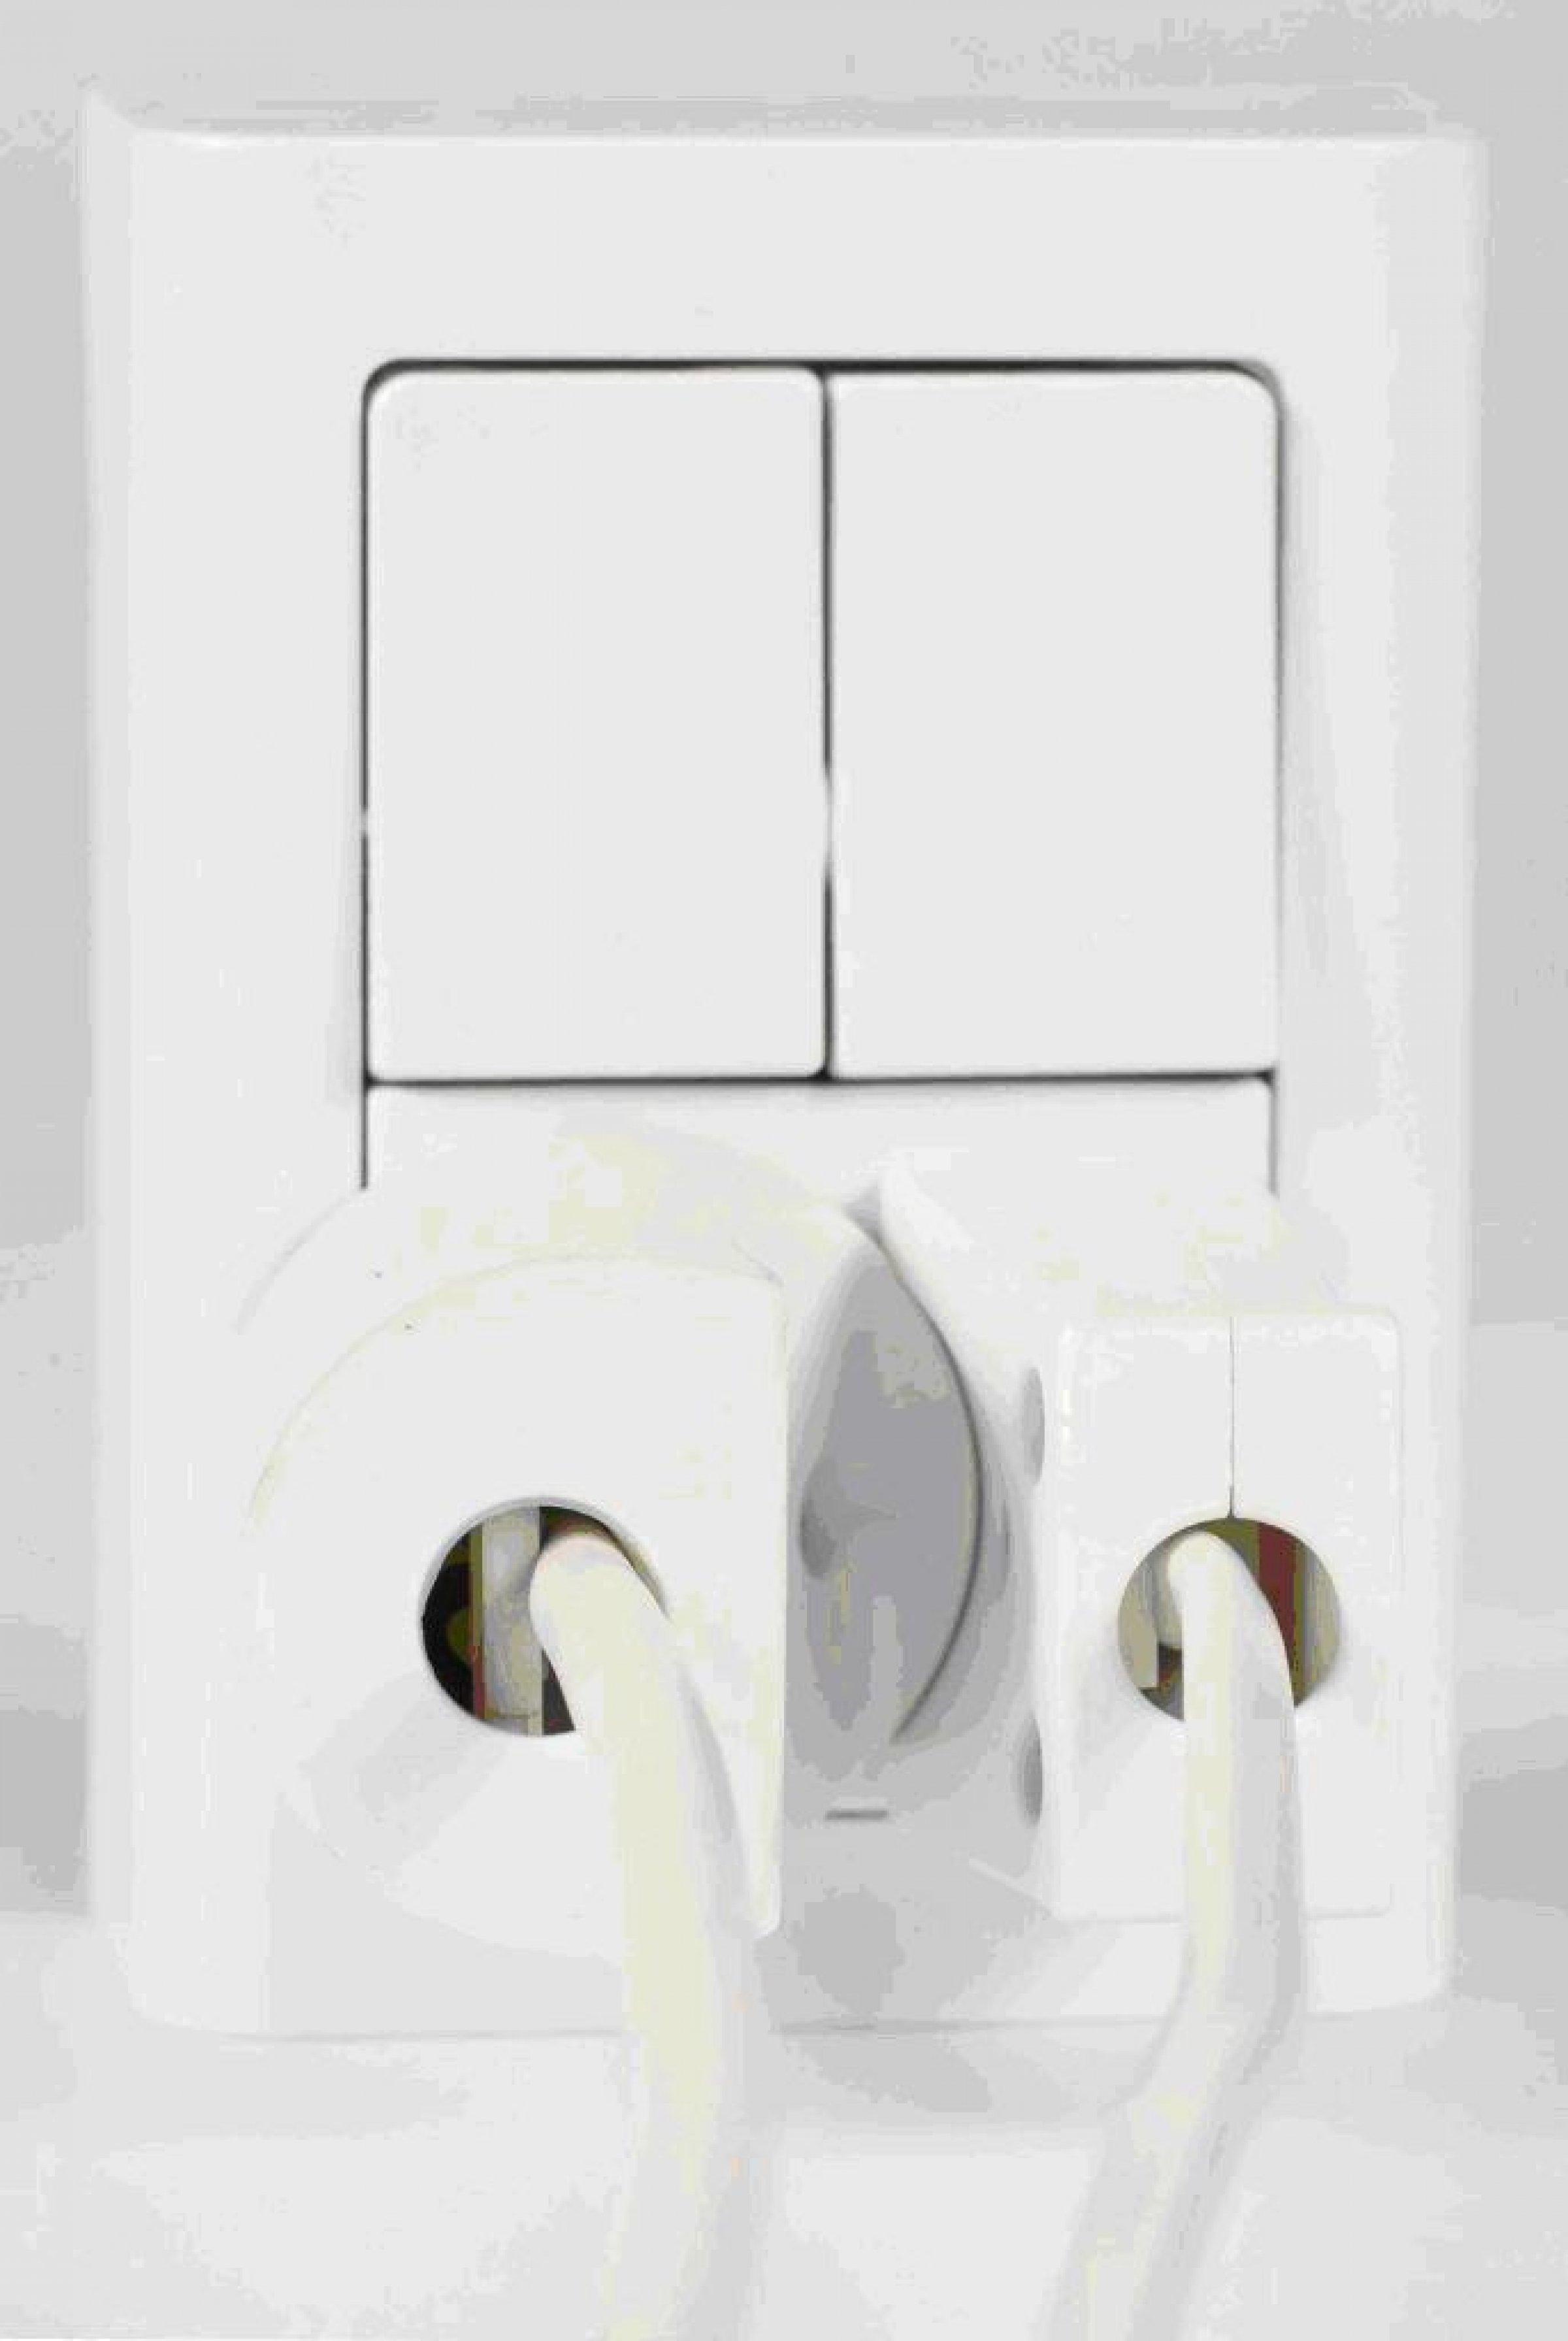 Opdateret Flad stikprop i nyt design | Installatør ZX14